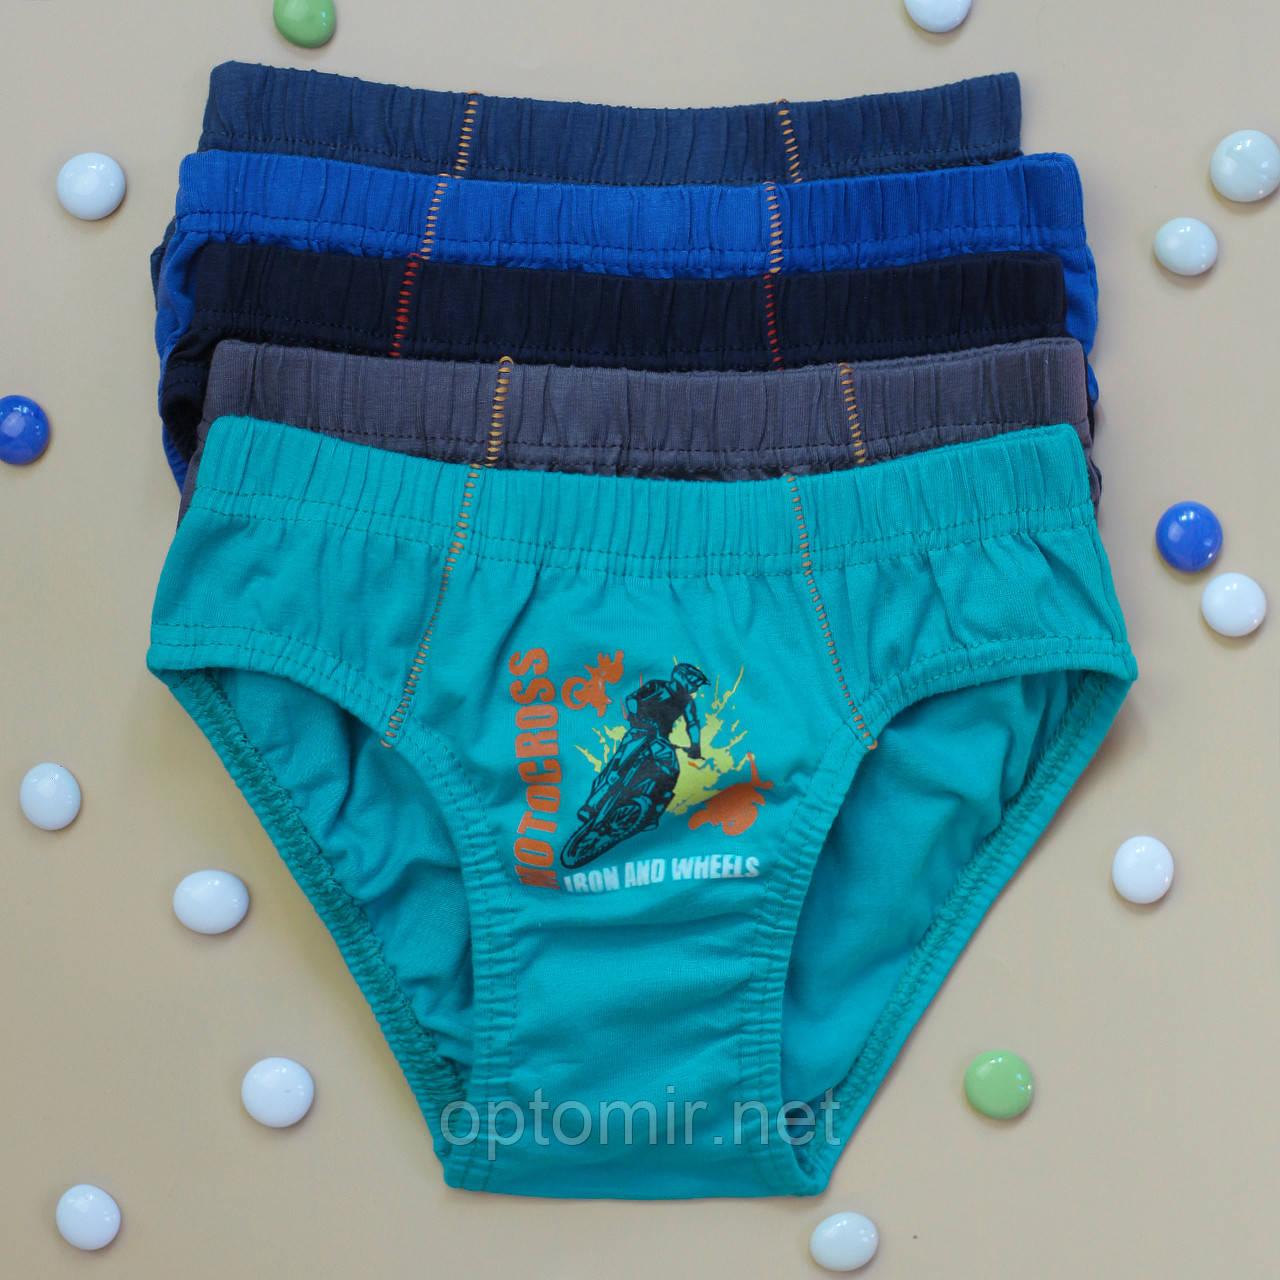 Детские трусы плавки для мальчика Nicoletta (возраст: 8-9 лет) | 5 шт.